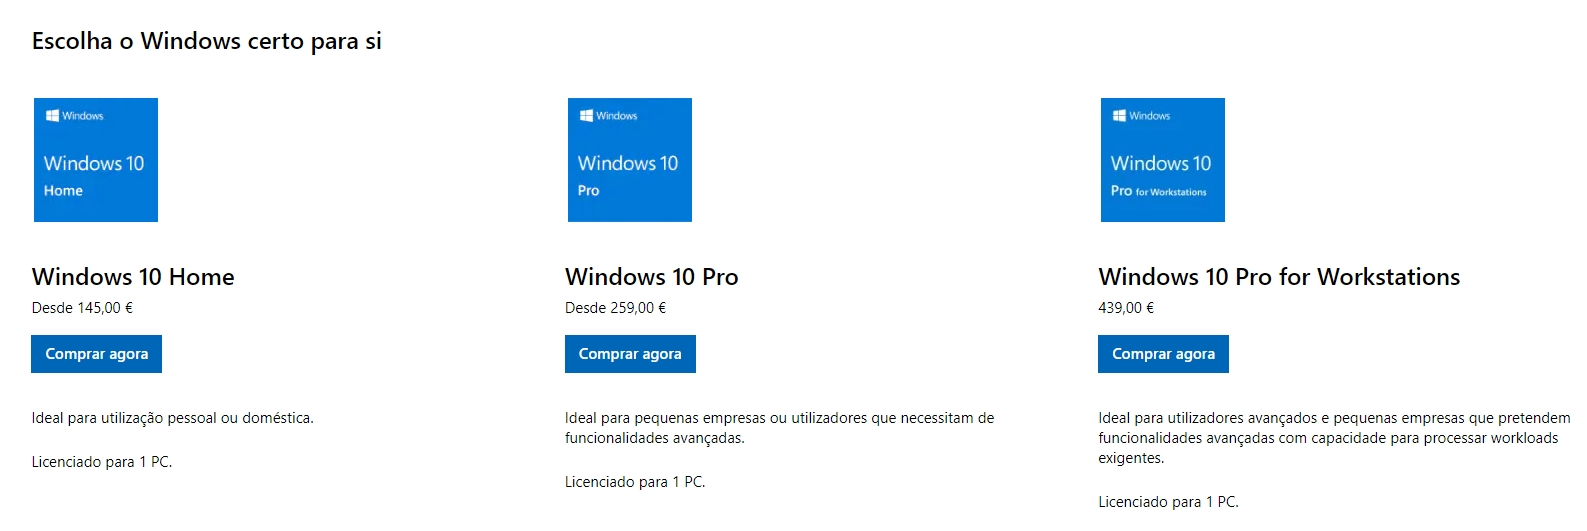 preços do windows 10